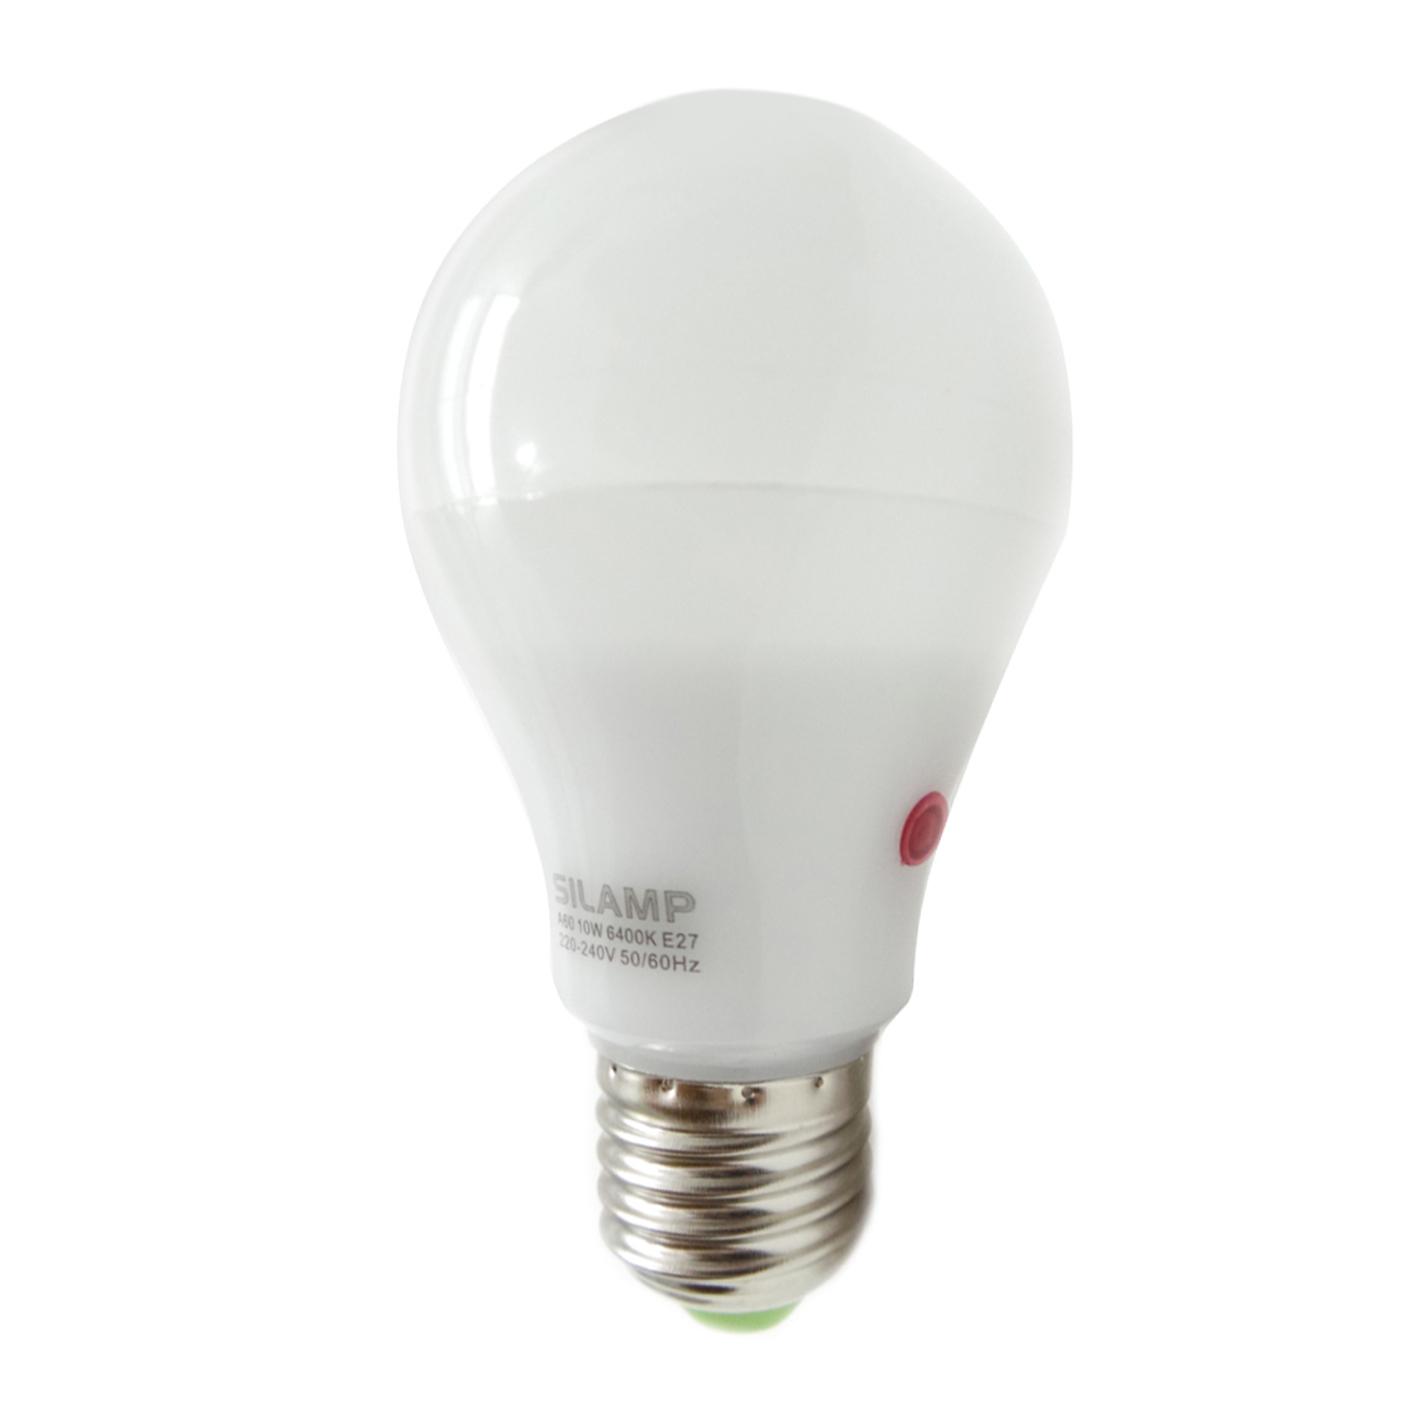 Sensore Per Accendere La Luce.L30 10w Offerte Lampadine Led Silamp Lampadina Led